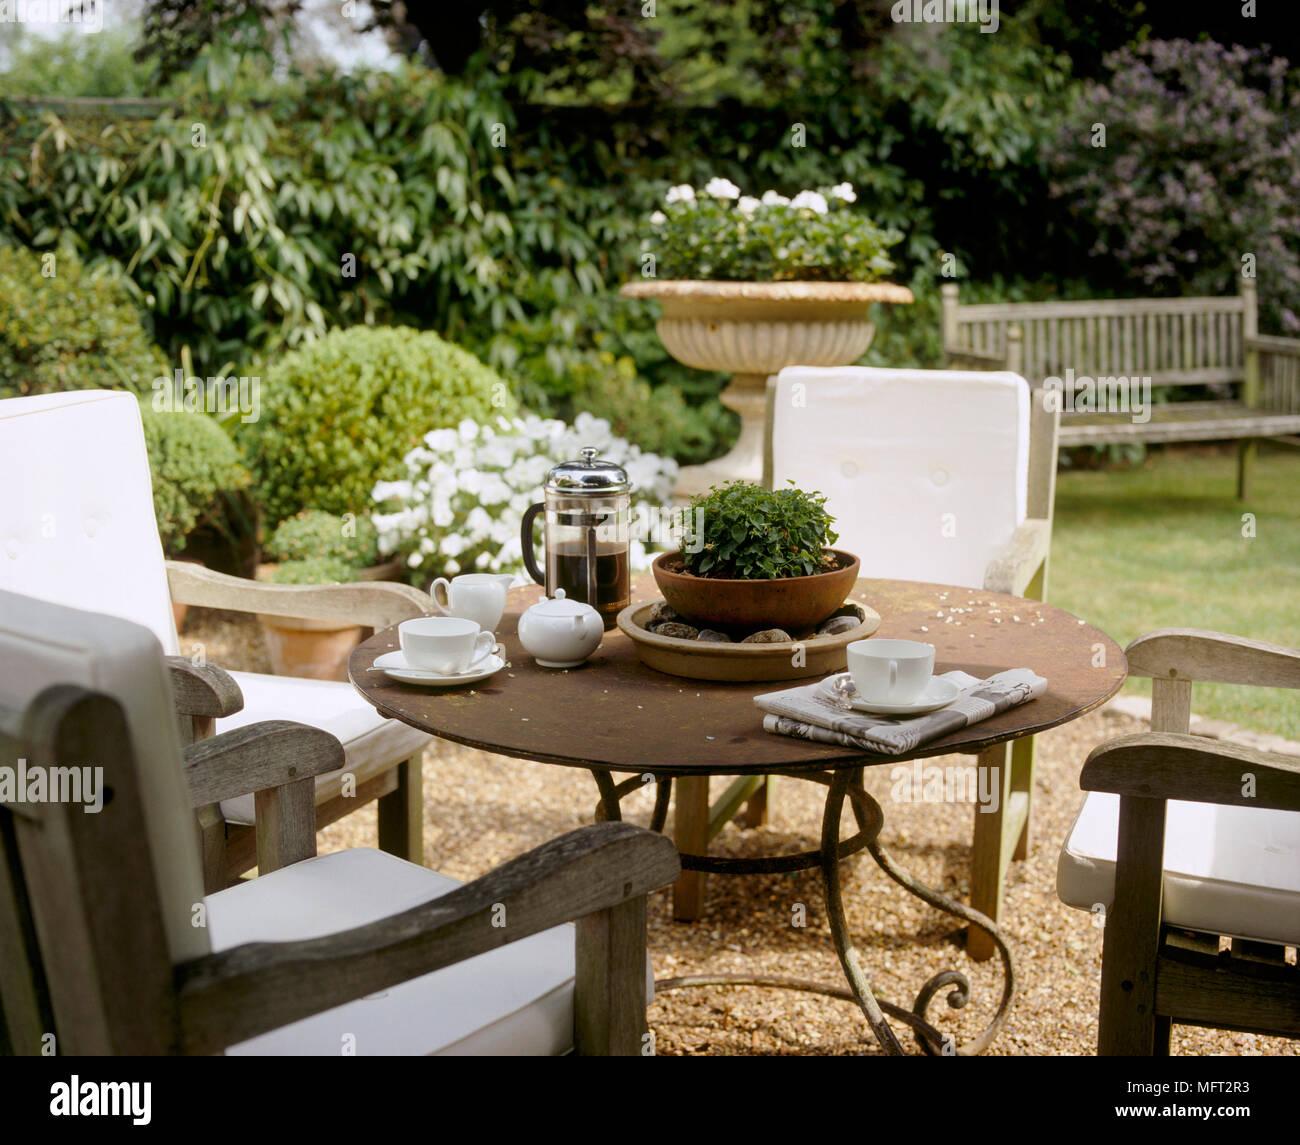 un detail d un pays jardin avec une terrasse couverte table et chaises en bois set de table pour le cafe du matin